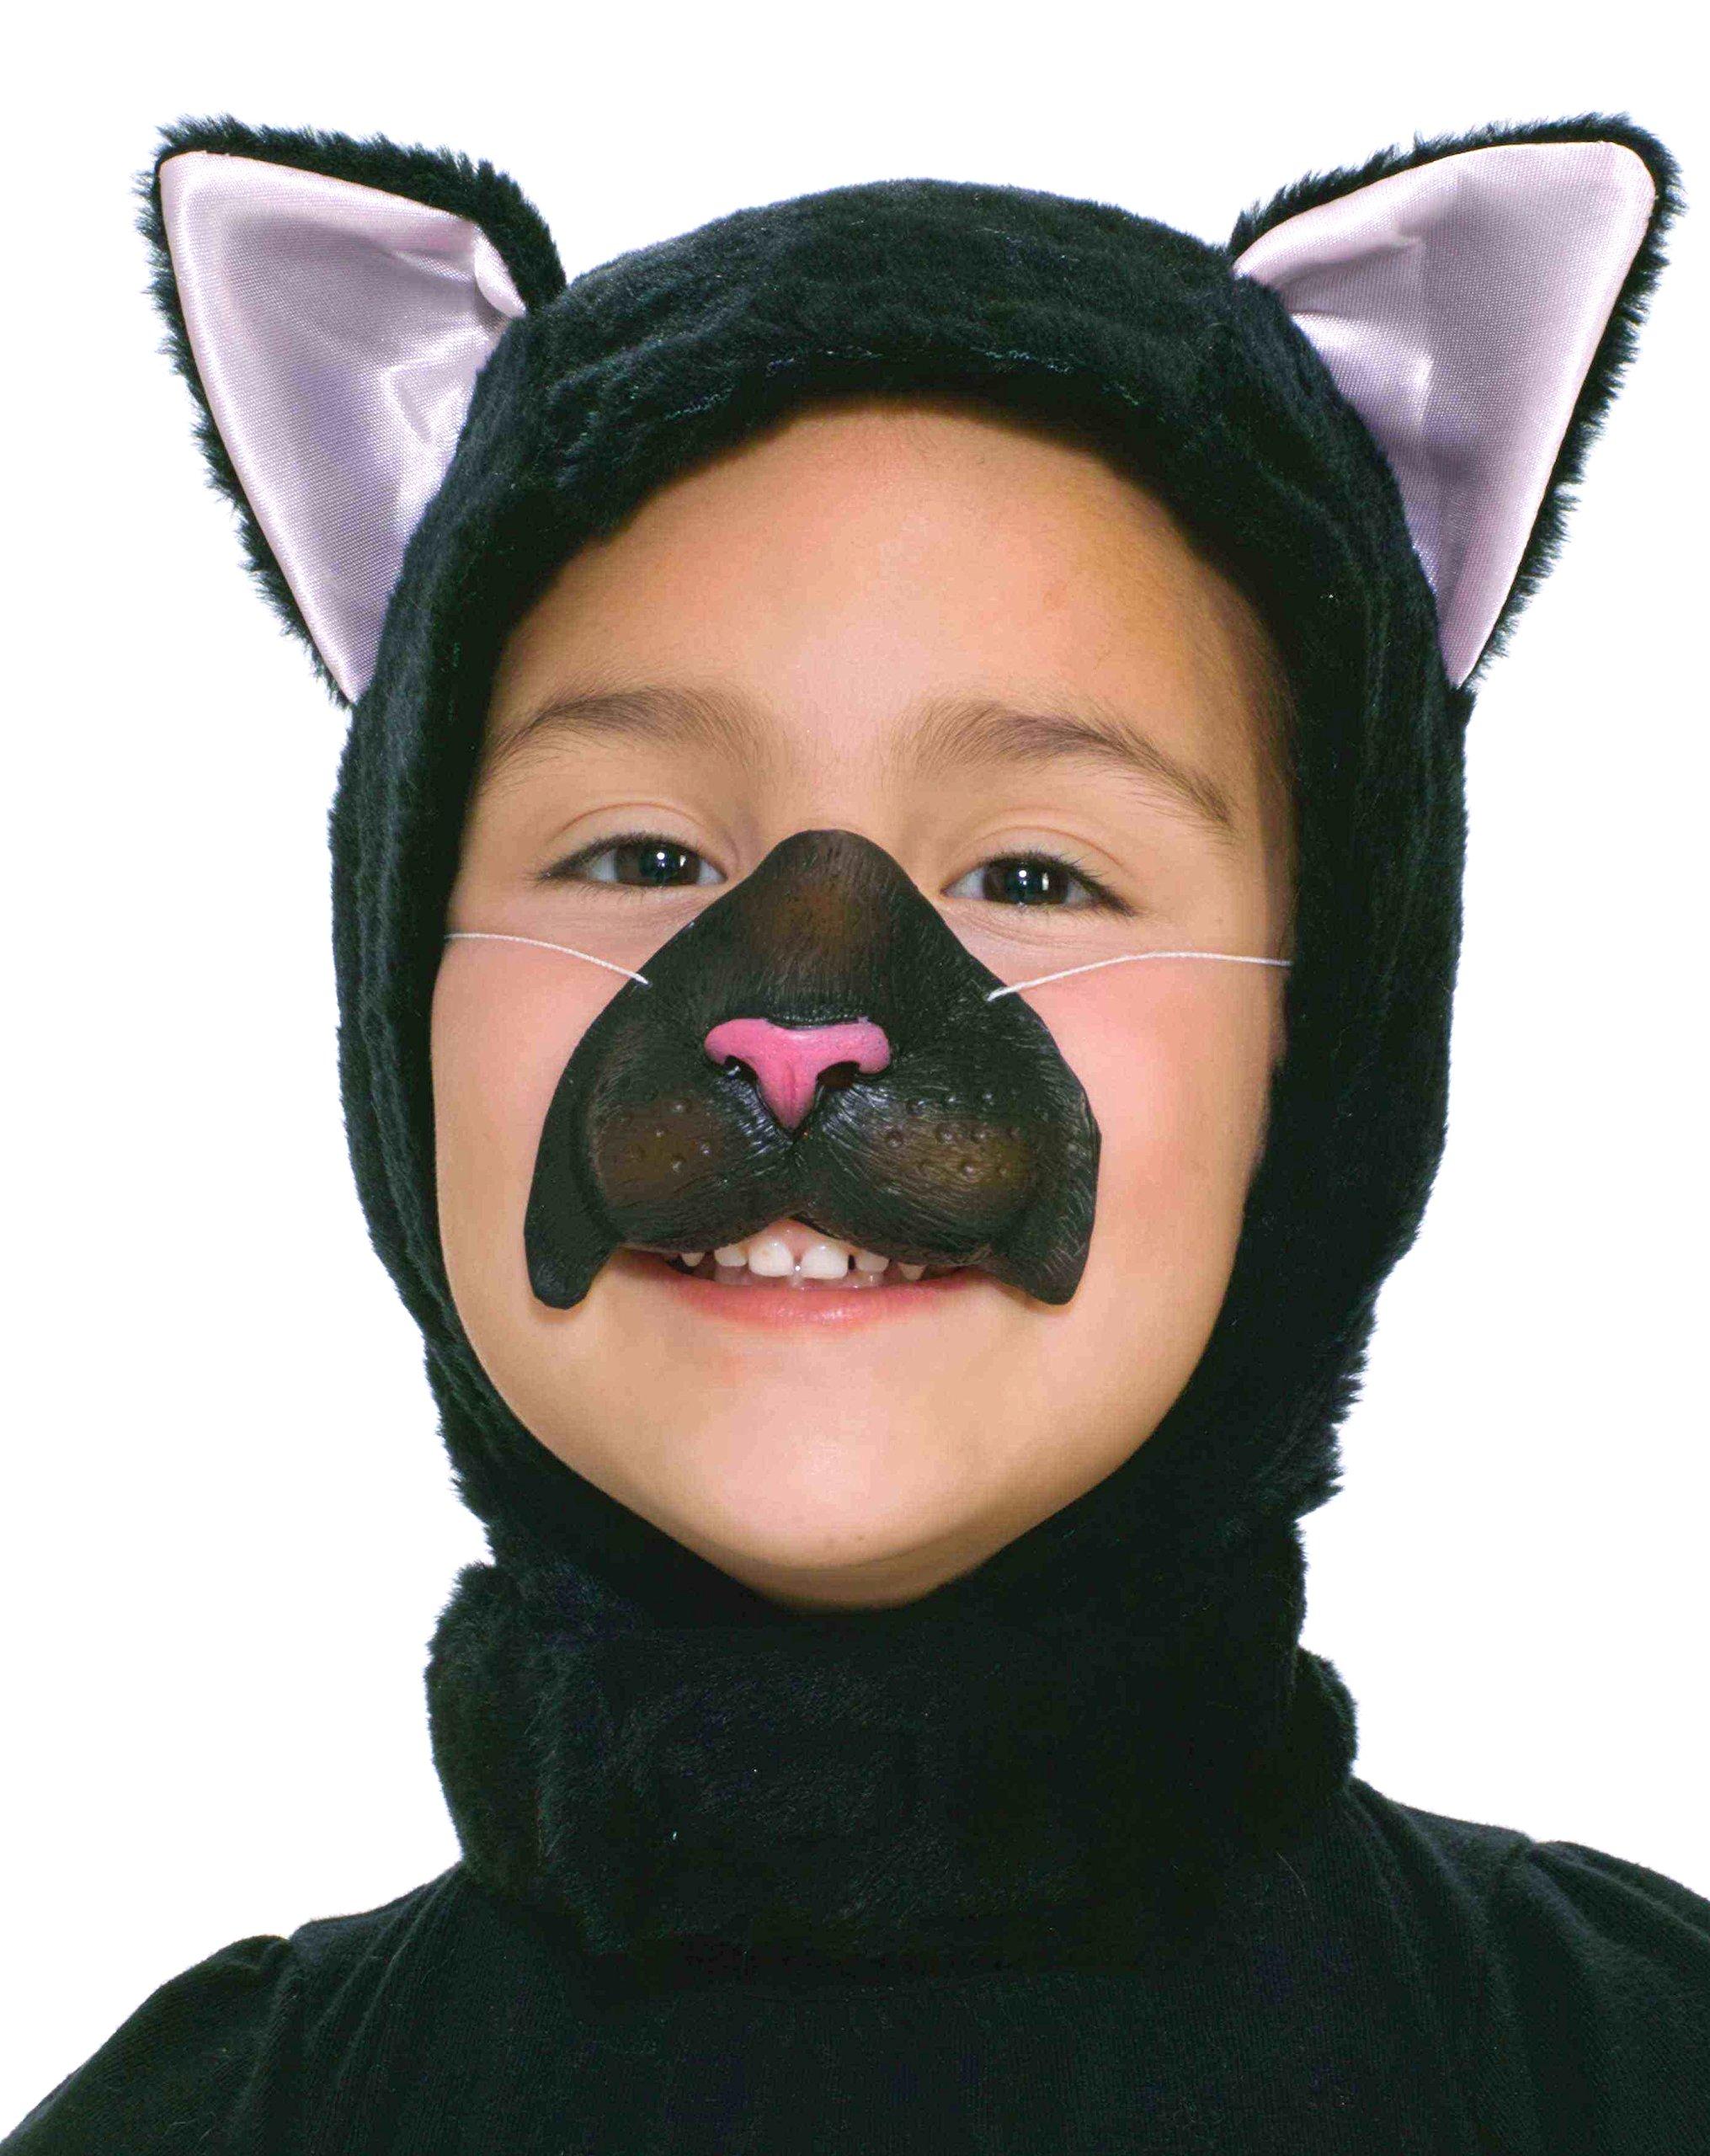 Forum Novelties Child Size Animal Costume  Black Cat Hood and Nose Mask